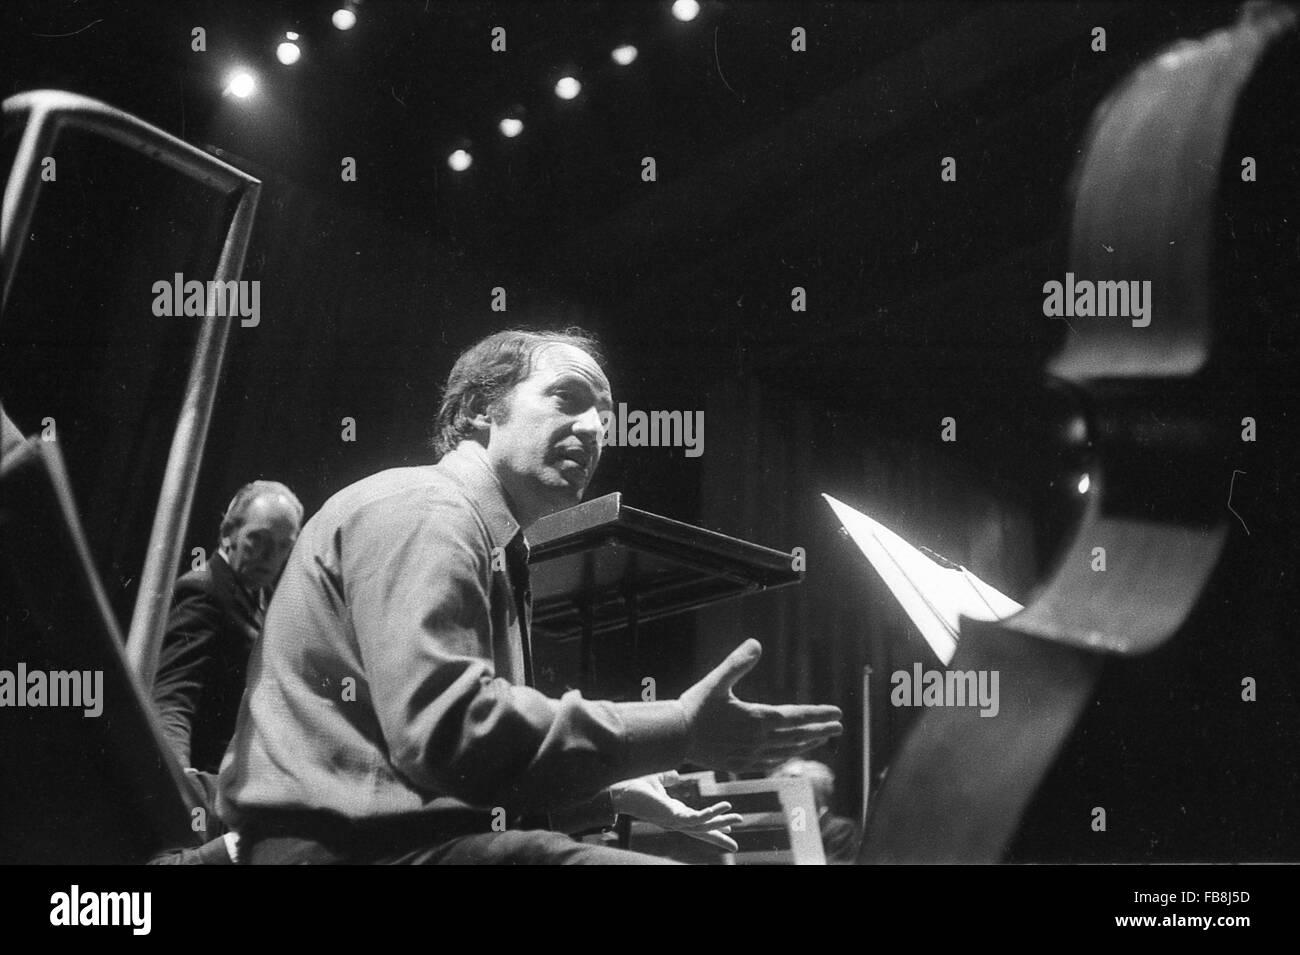 Pierre Boulez -  1972  -  France / Ile-de-France (region) / Paris  -  Pierre Boulez, Paris, 1972   -  Philippe Gras - Stock Image